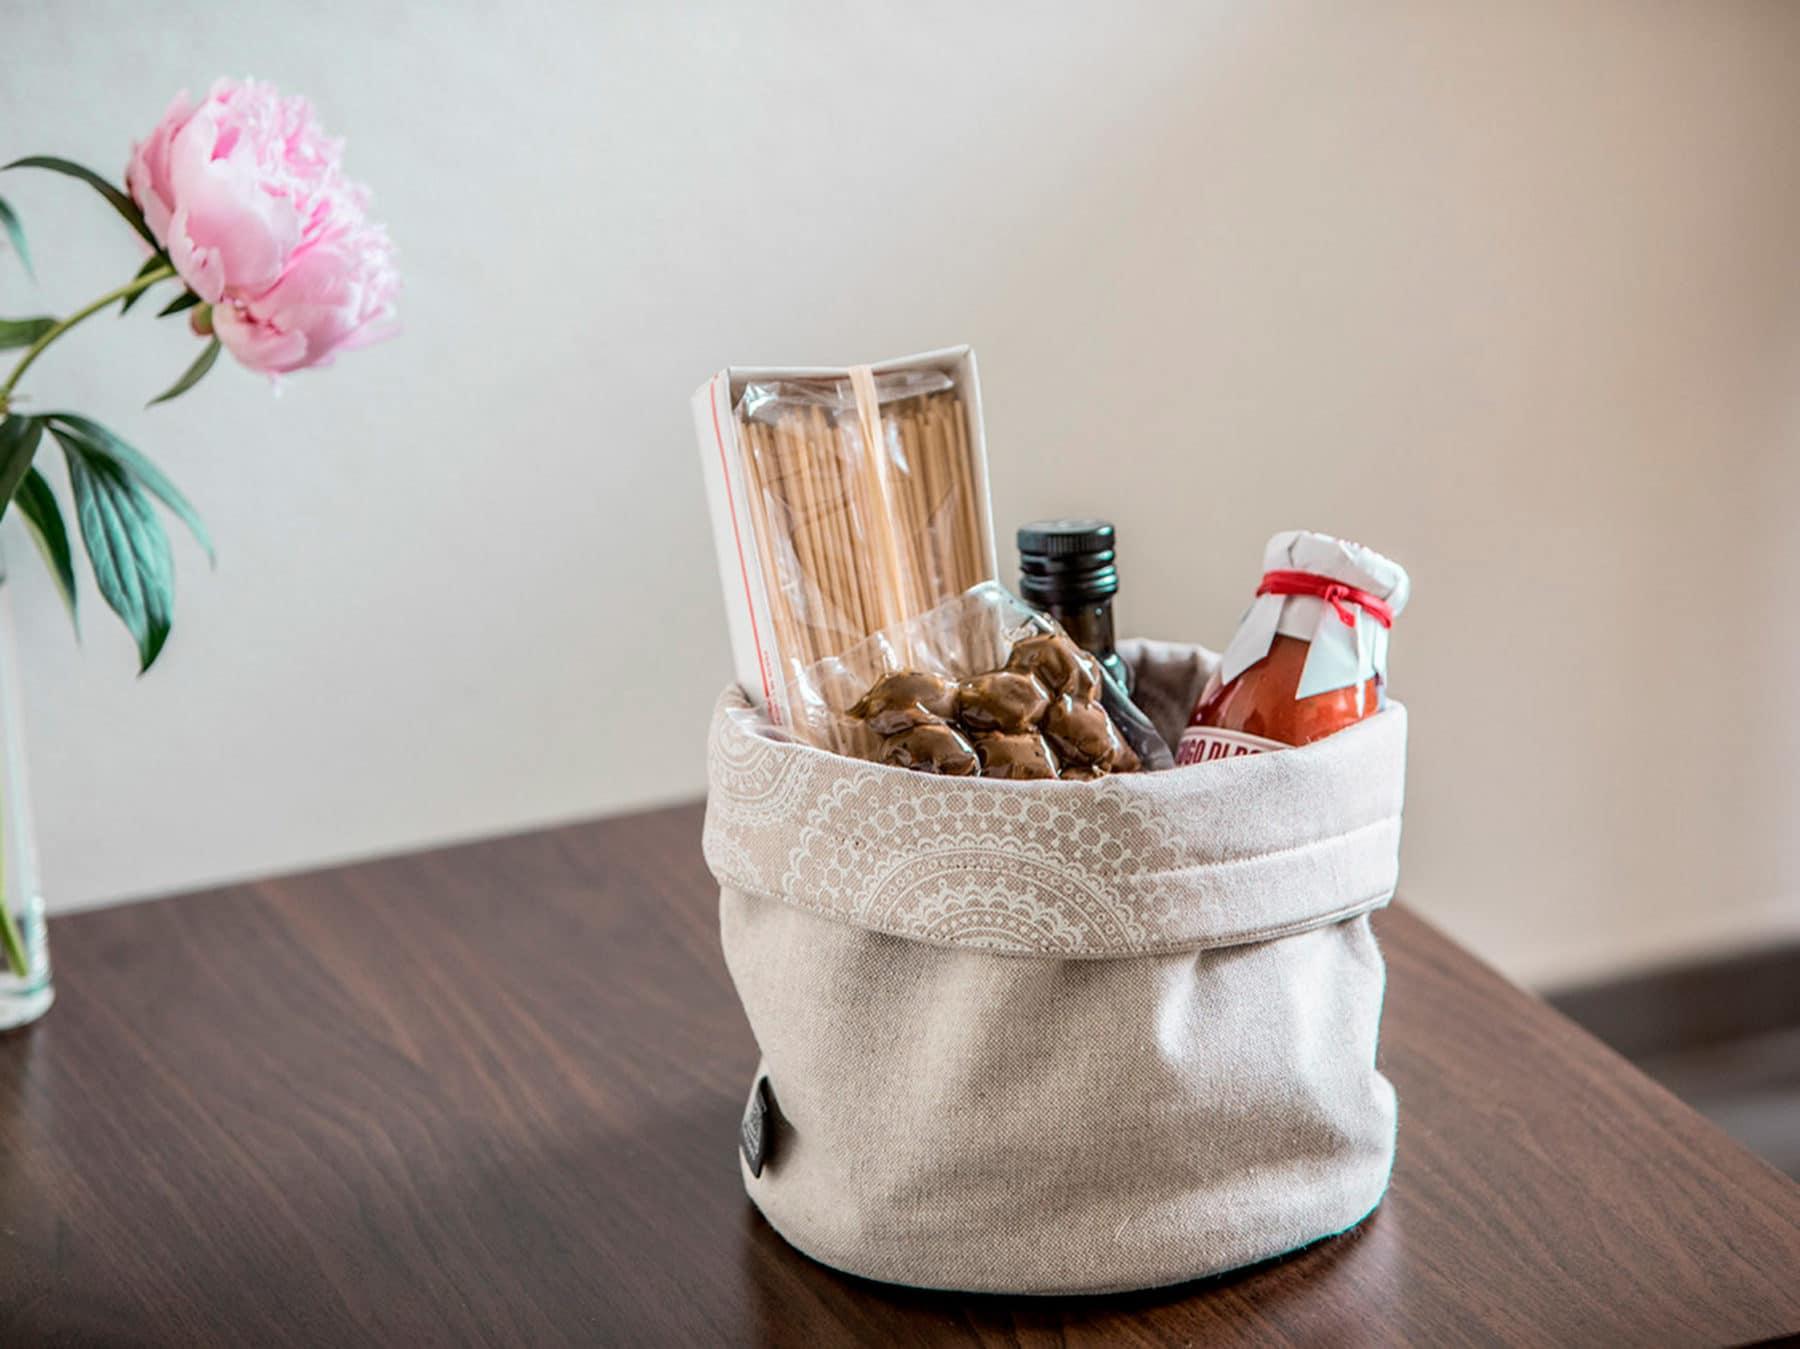 Multibag Kartoffelwaermer gross swiss KURTS Schweizer Geschenke Mood